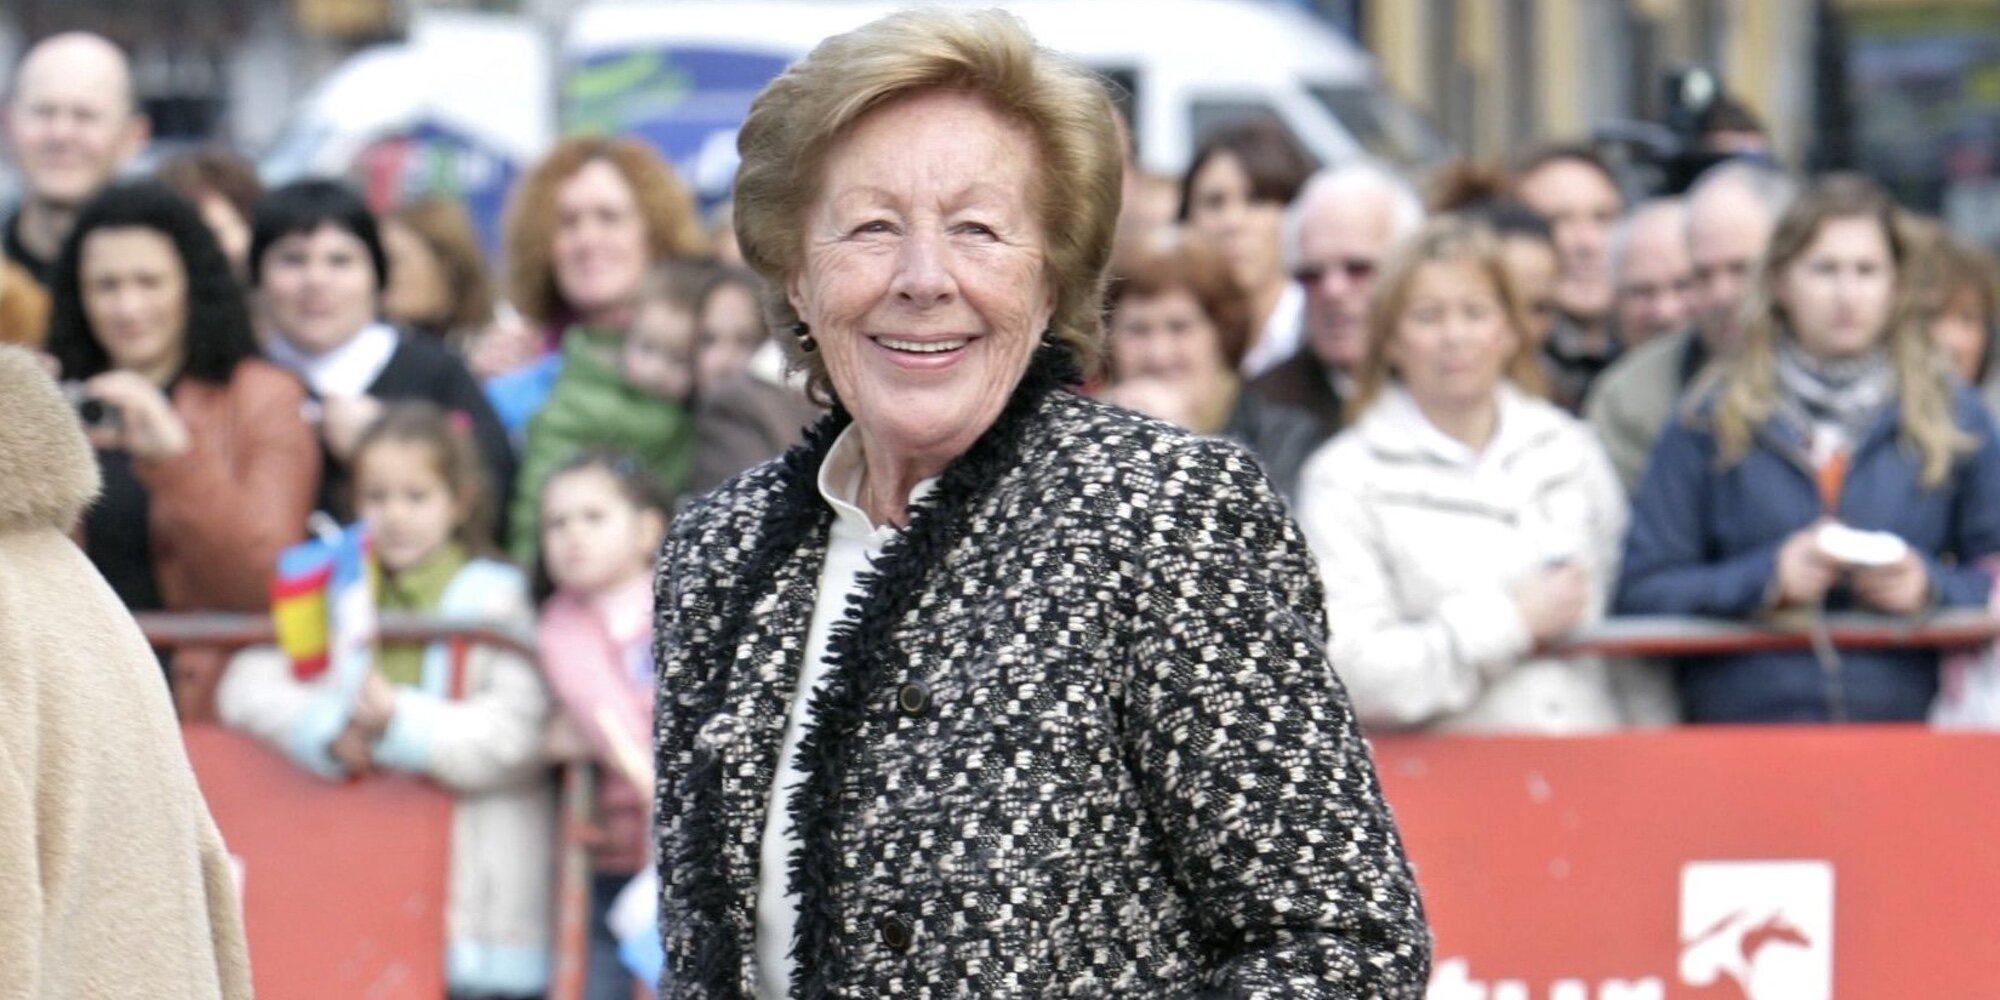 Muere Menchu Álvarez del Valle, abuela de la Reina Letizia, a los 93 años